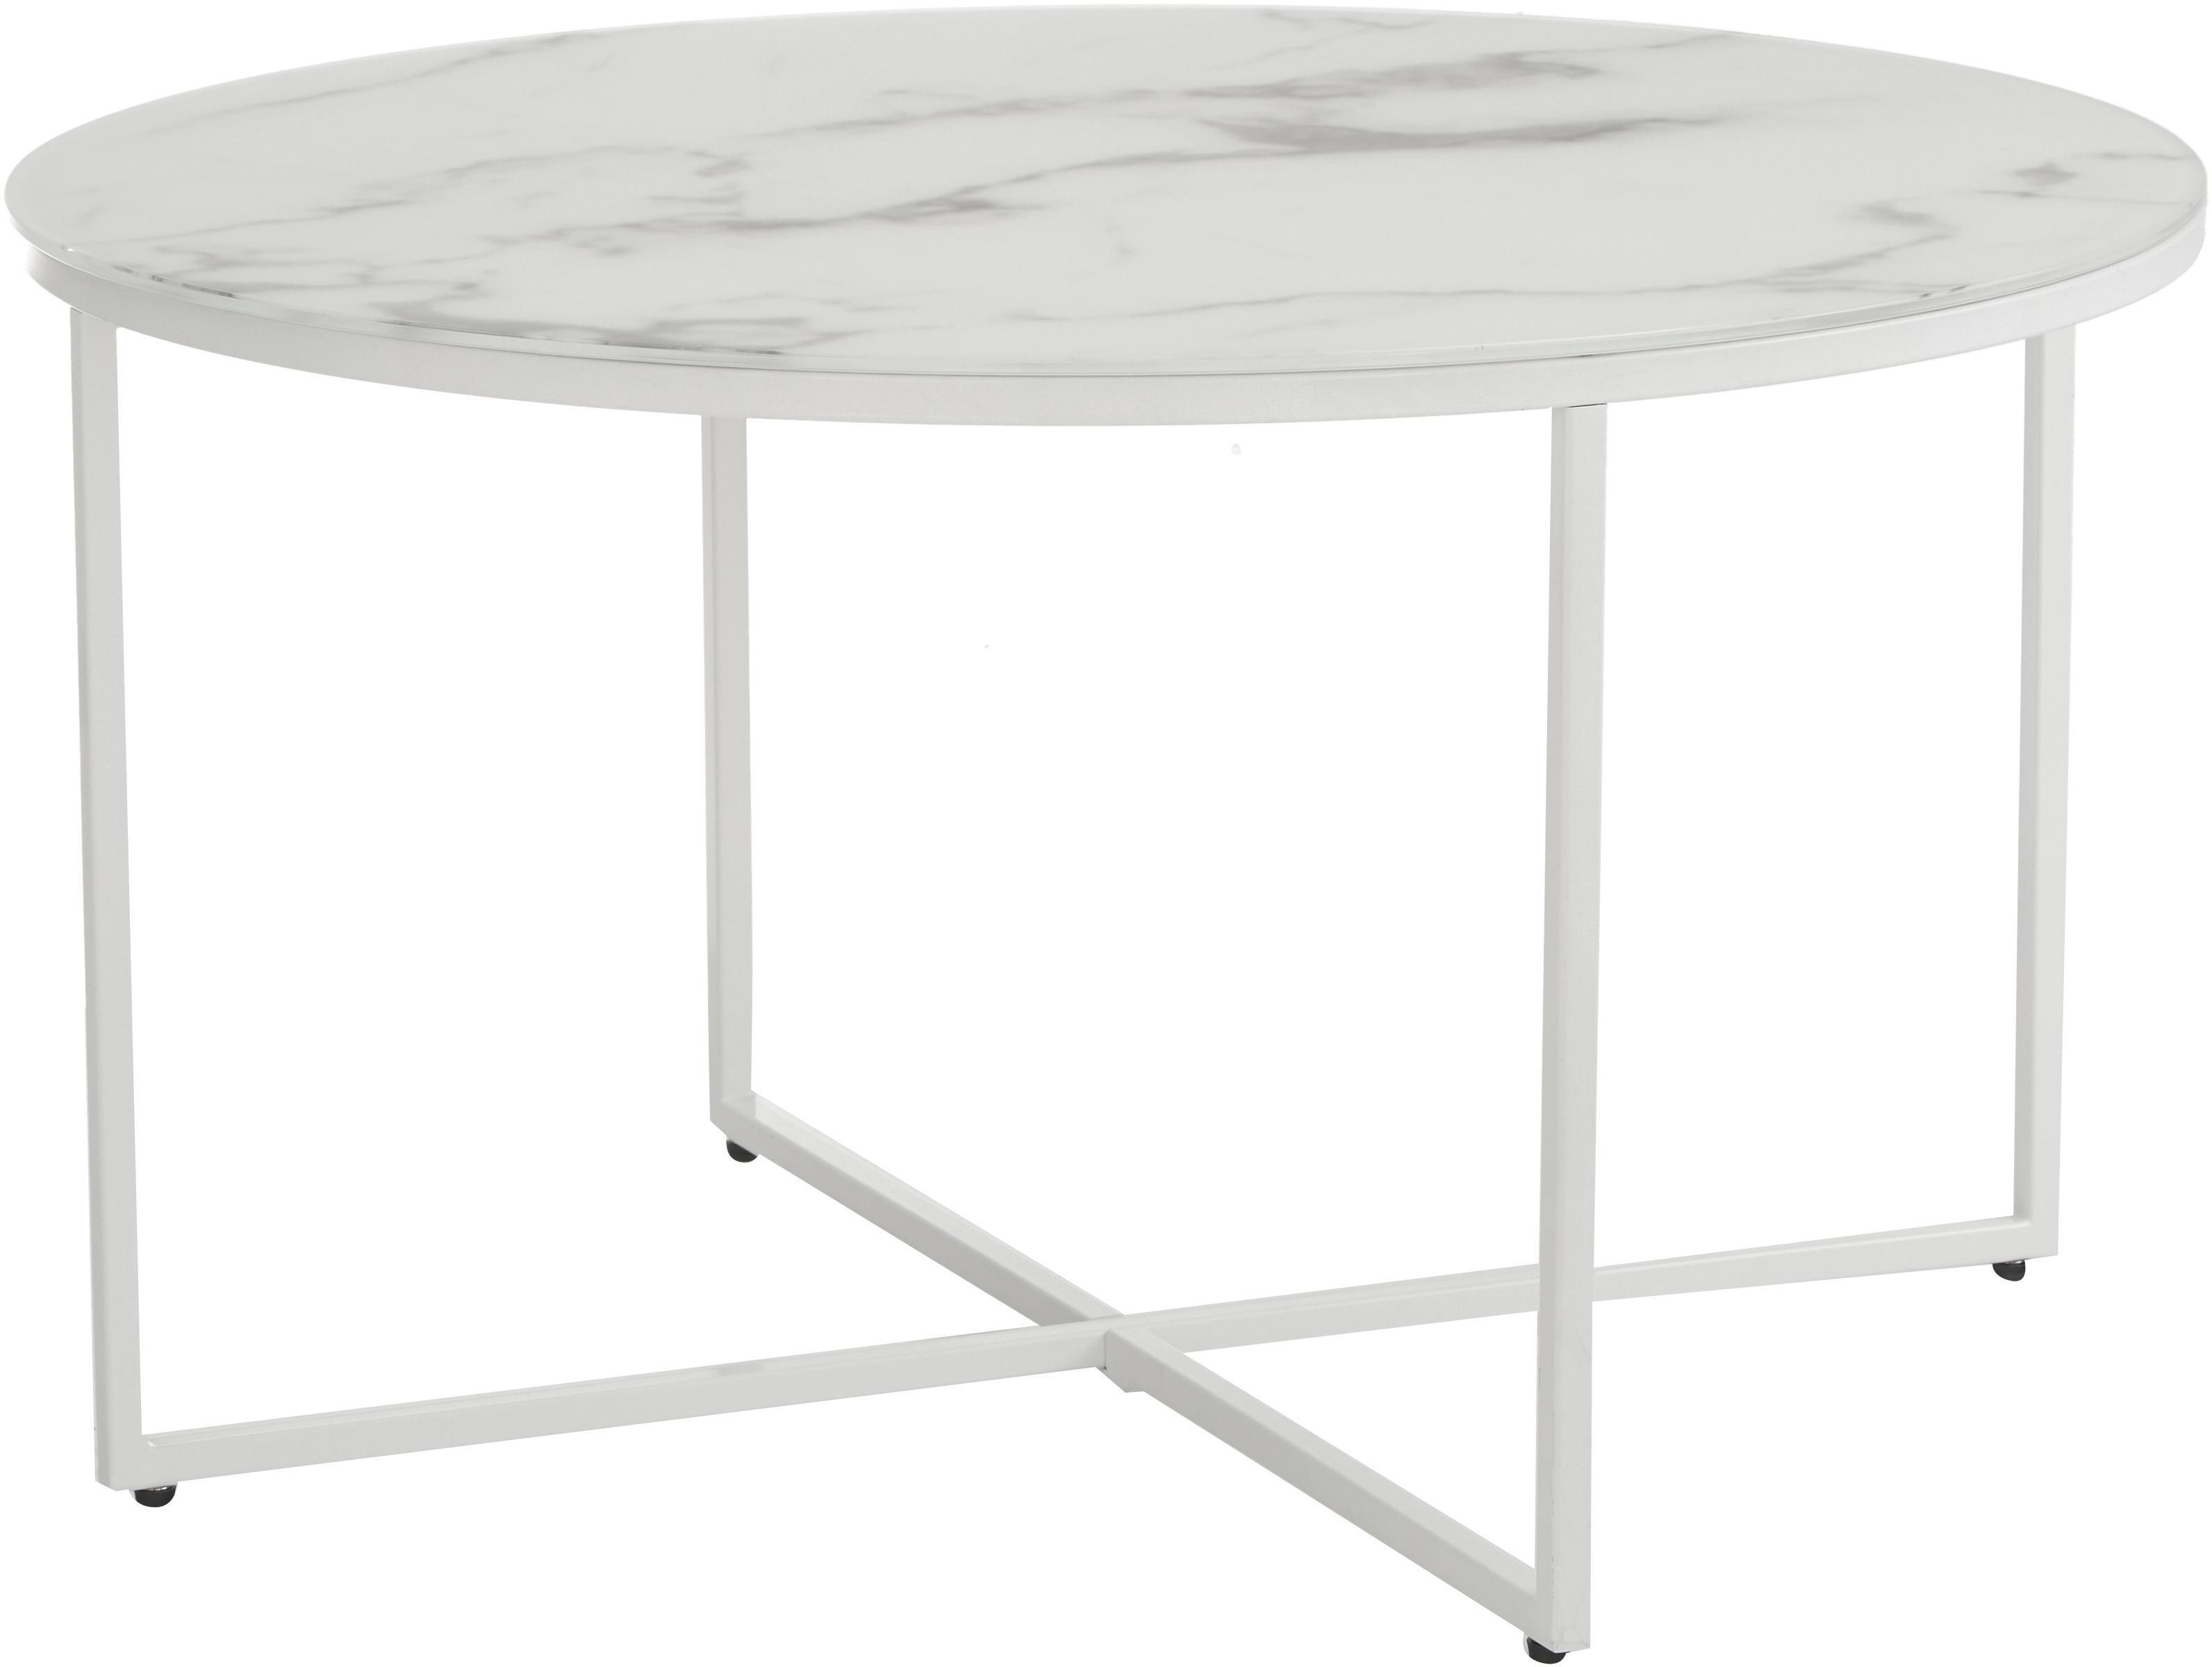 Tavolino da salotto con piano in vetro Antigua, Piano d'appoggio: vetro stampato opaco, Struttura: acciaio verniciato a polv, Bianco-grigio marmorizzato, bianco, Ø 80 x Alt. 45 cm